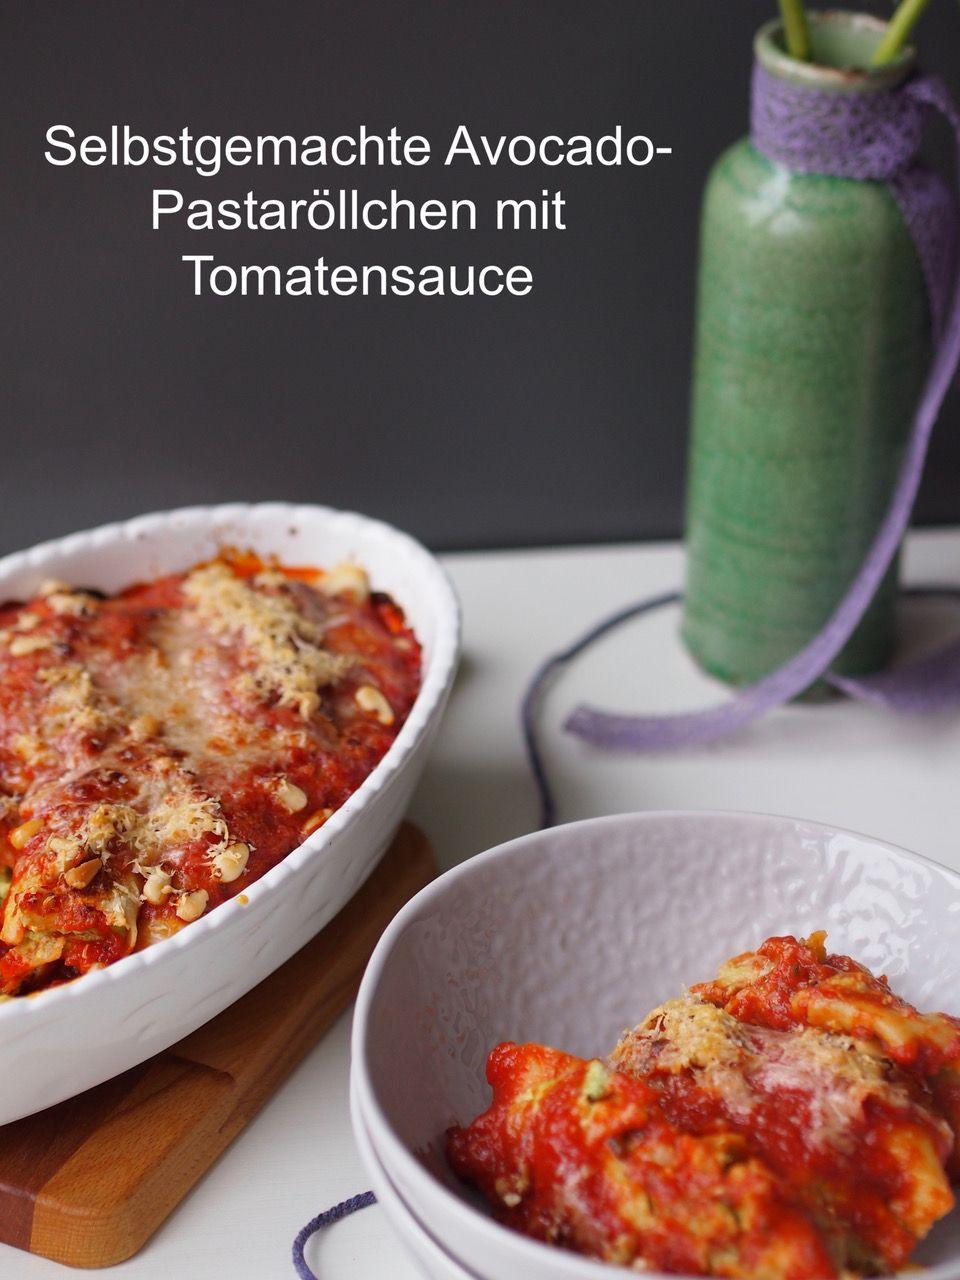 Lecker vegetarisch: selbstgemachte Avocado-Pastaröllchen mit Tomatensauce | Das Rezept gibt's auf www.sarahs-greenfield.blogspot.com